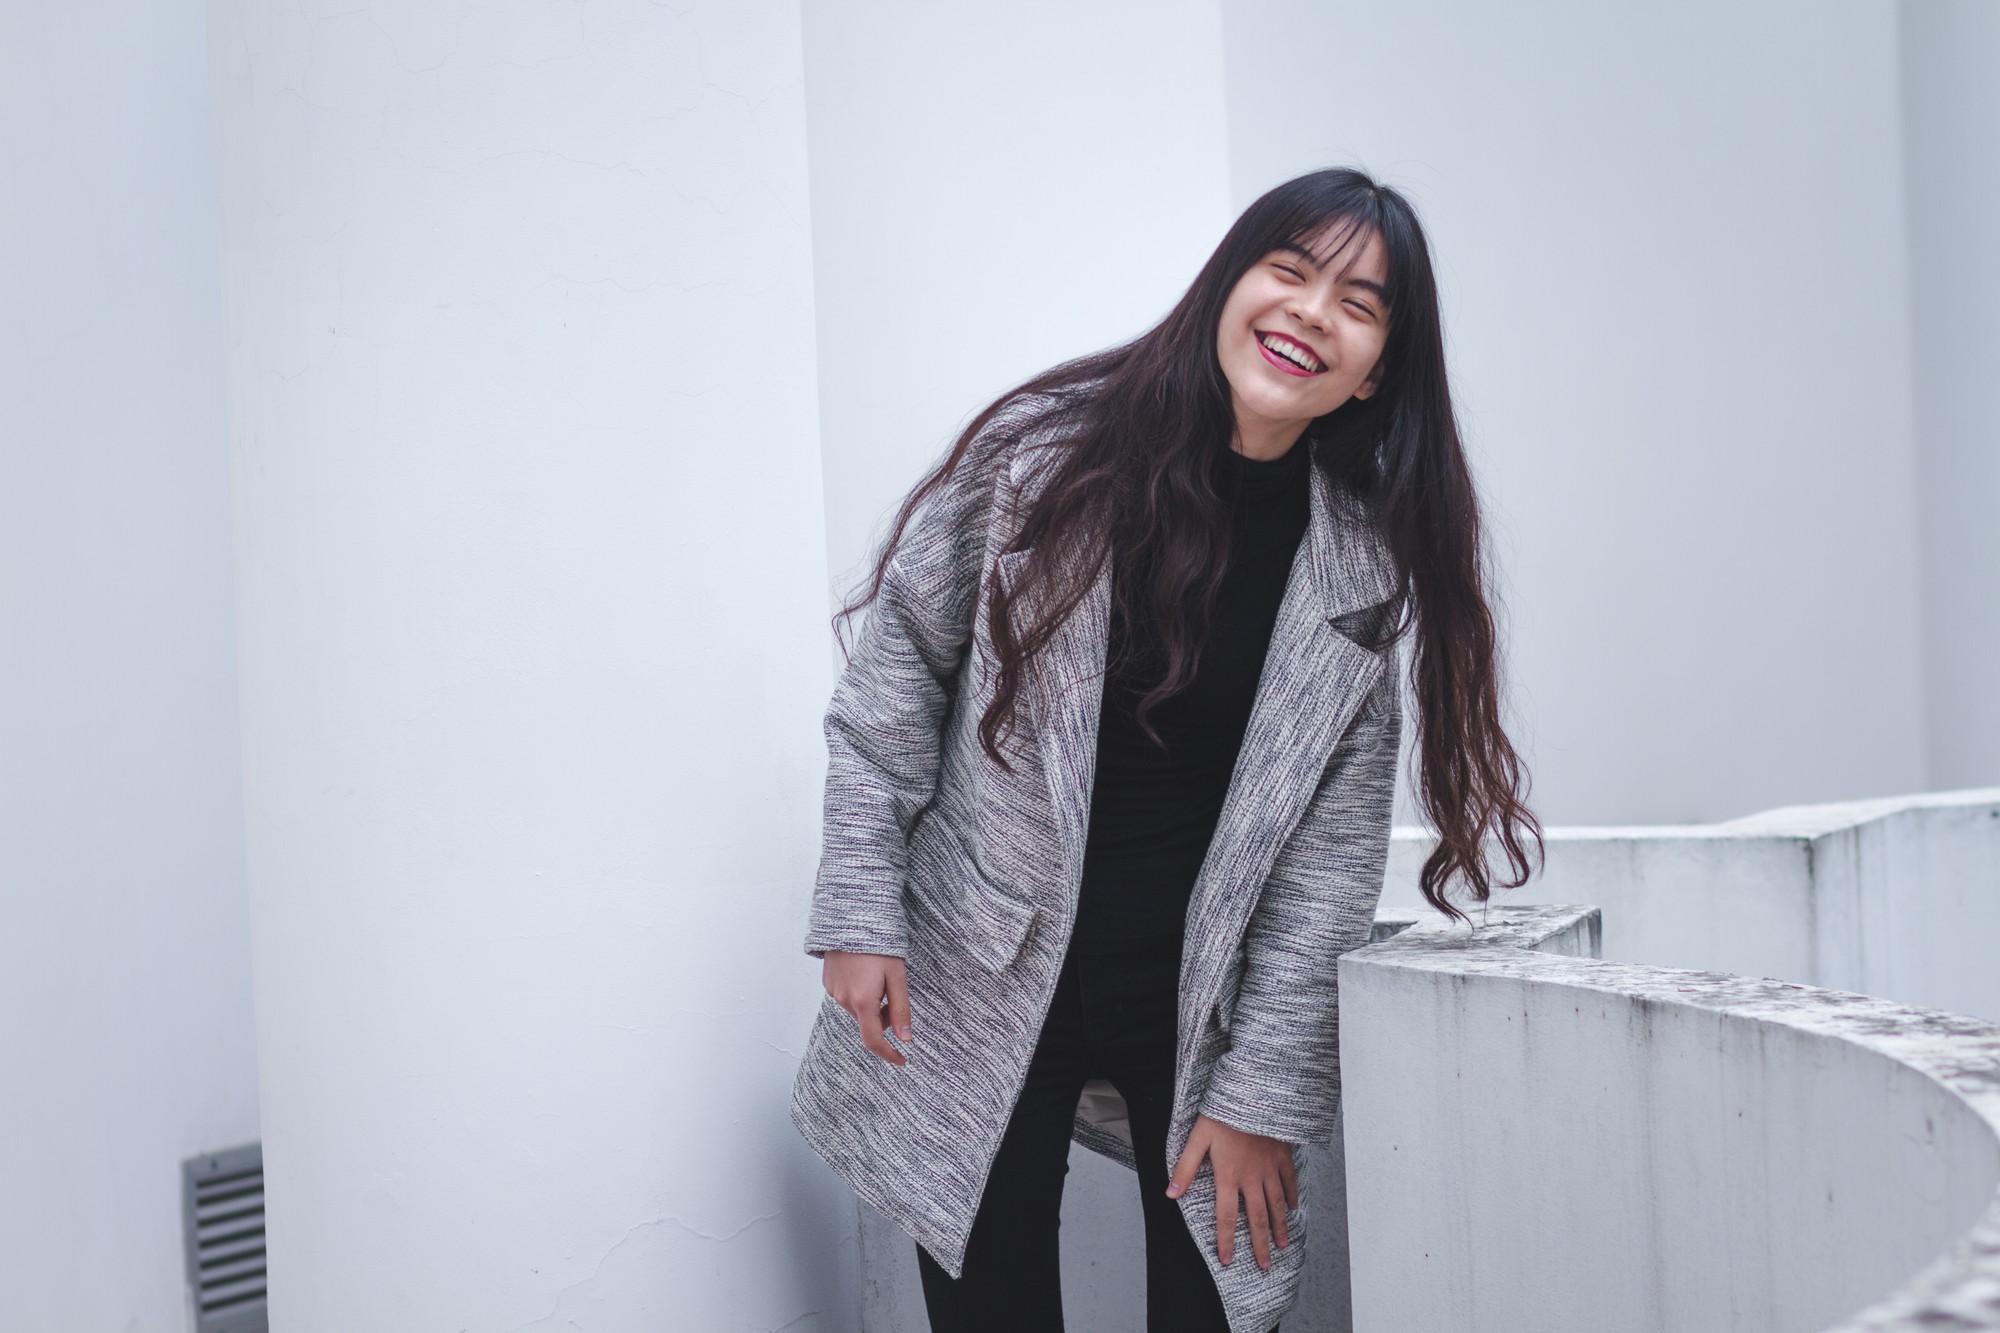 Nữ sinh Ams trúng tuyển ĐH hàng đầu thế giới nhờ viết luận về không khí nồm ở Hà Nội - Ảnh 6.